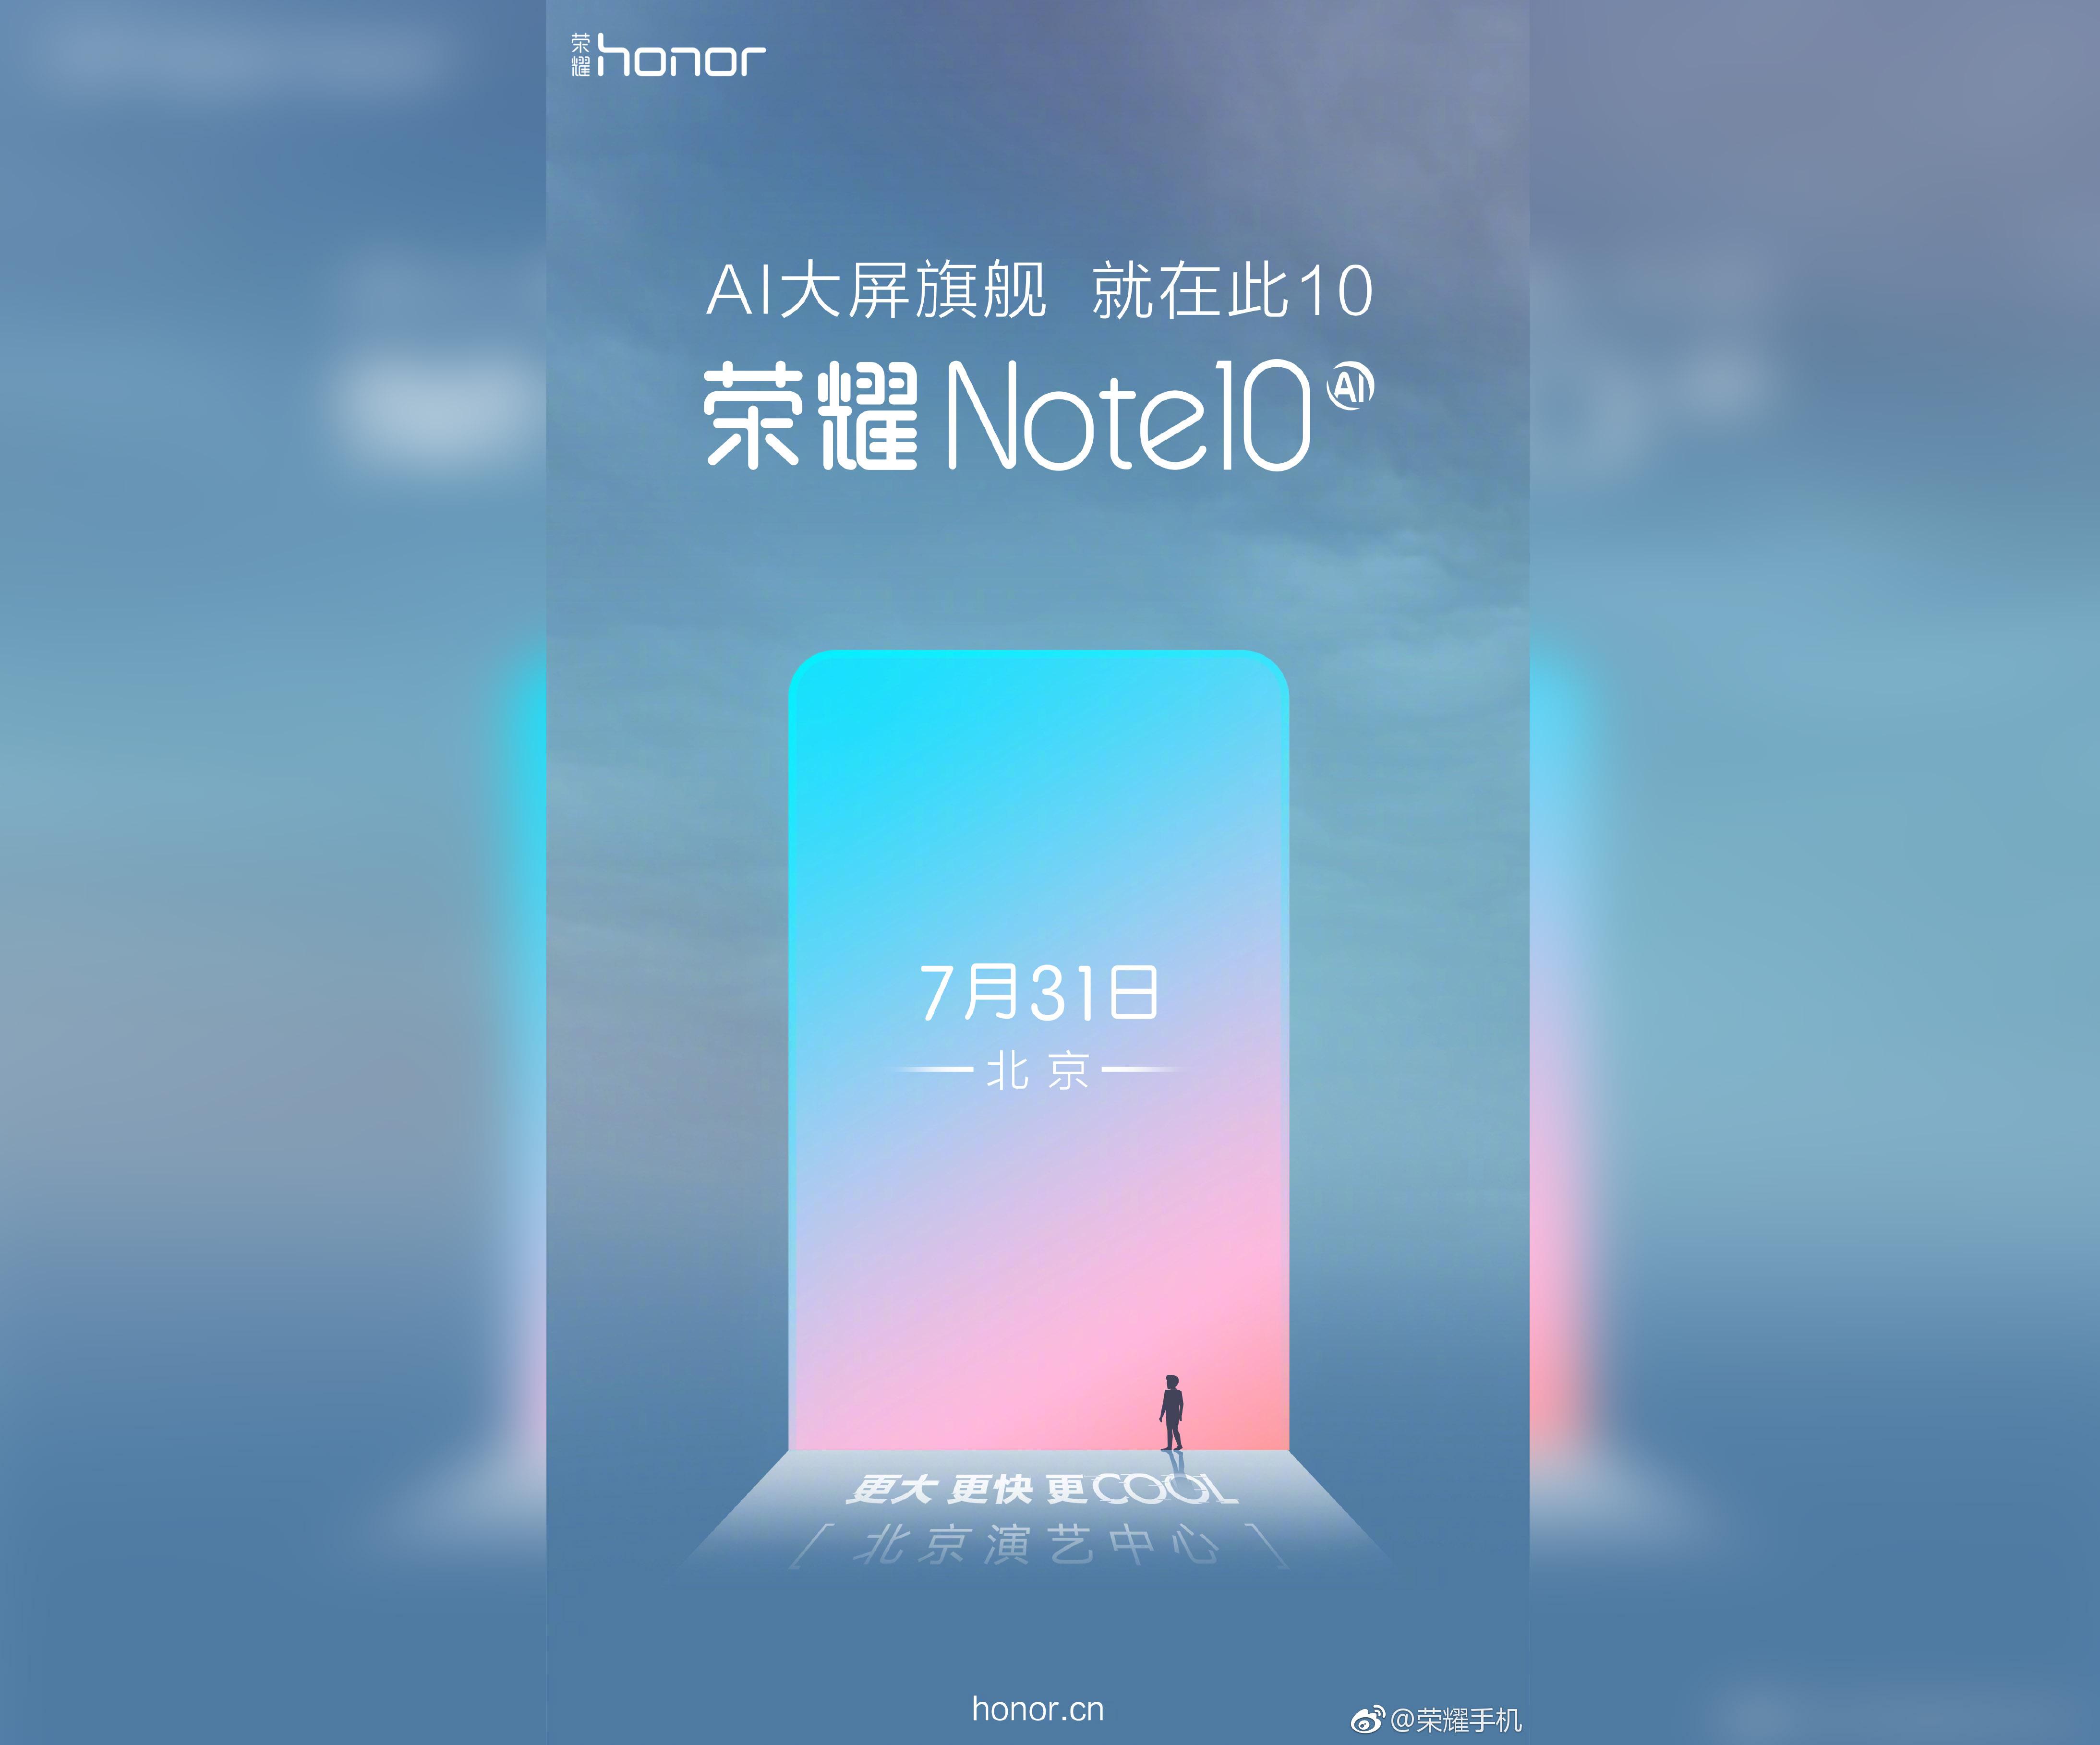 El Honor Note 10 se presentaría en la IFA 2018